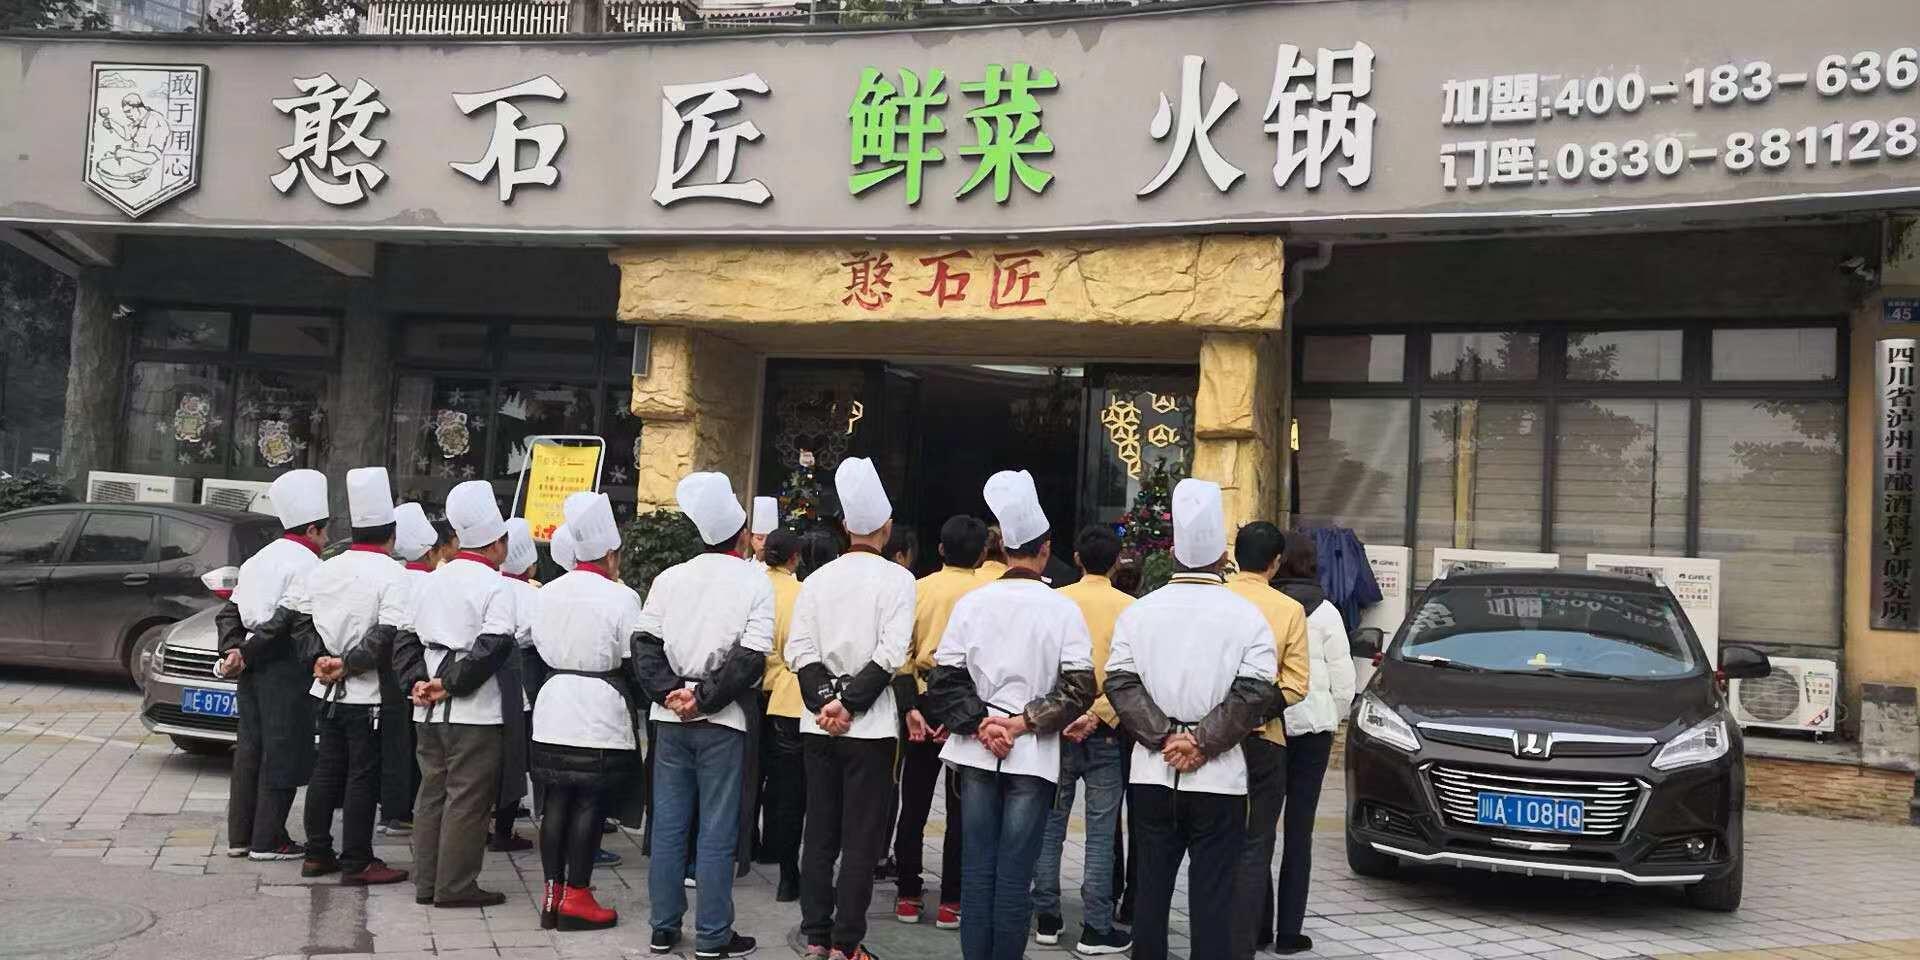 火锅加盟的几个重大的好处_憨石匠鲜菜火锅加盟